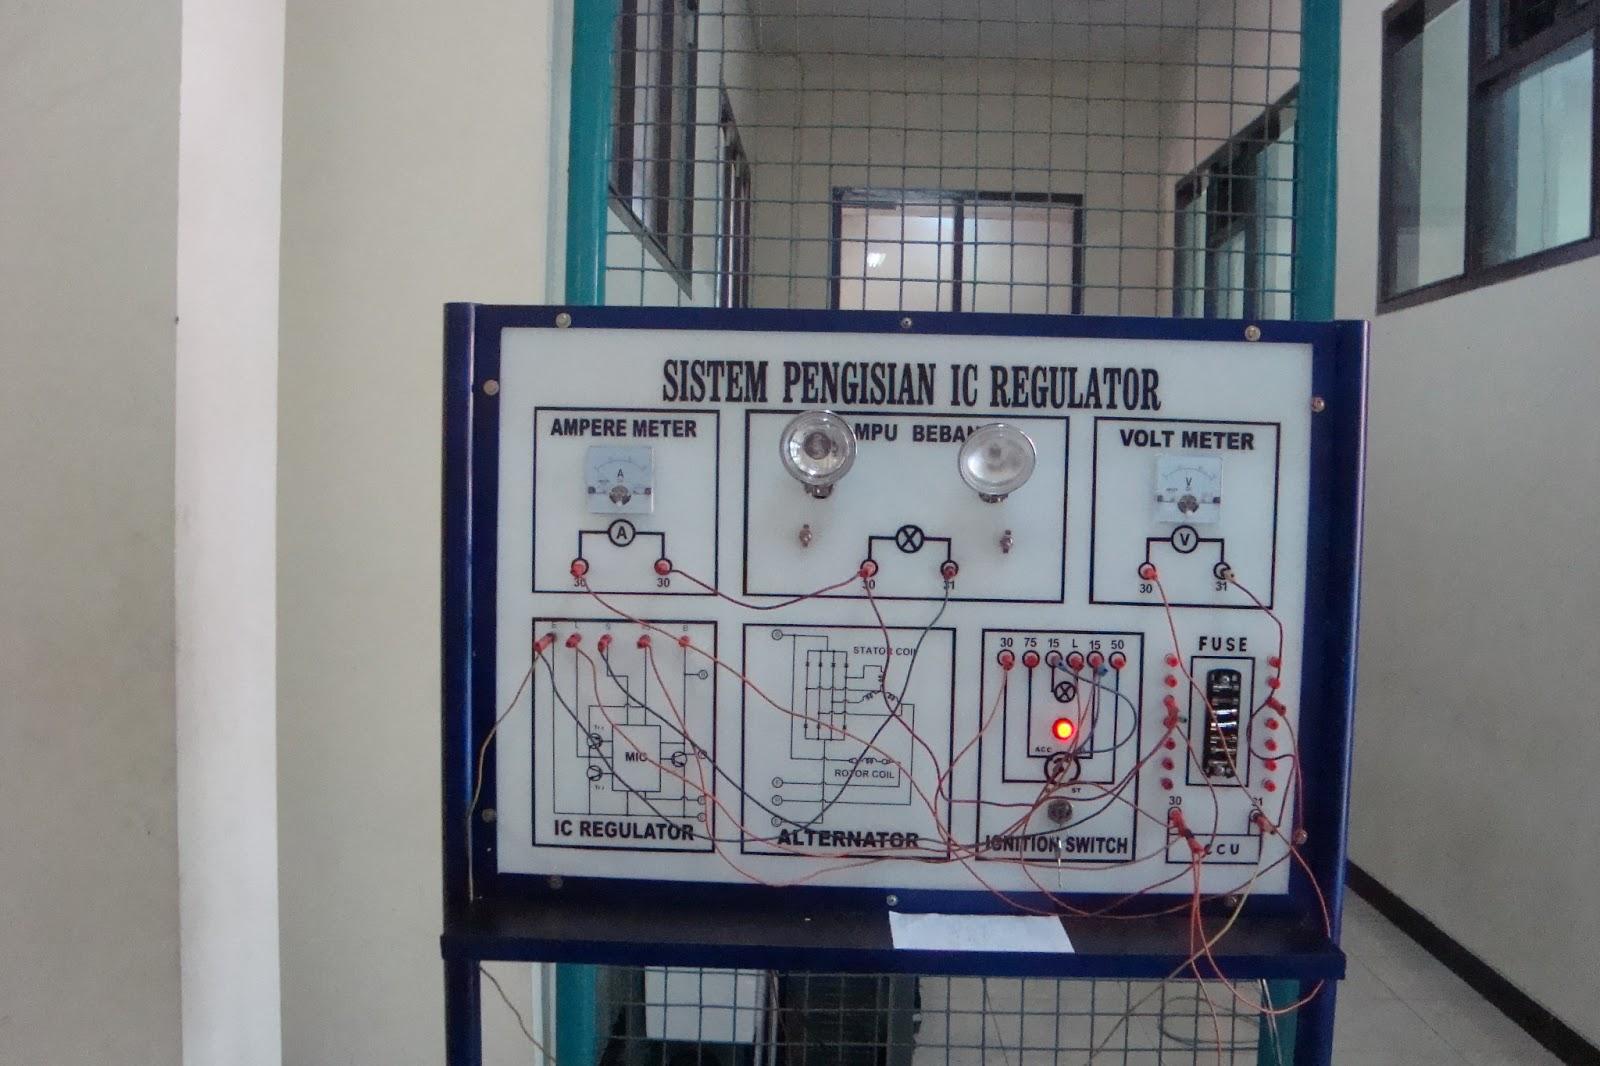 Trainer sistem pengisian mesin pada dasarnya sistem pengisian sangatlah penting dalam suatu konstruksi sistem kelistrikan pada kendaraan karena sangat berpengaruh pada baterai ccuart Gallery